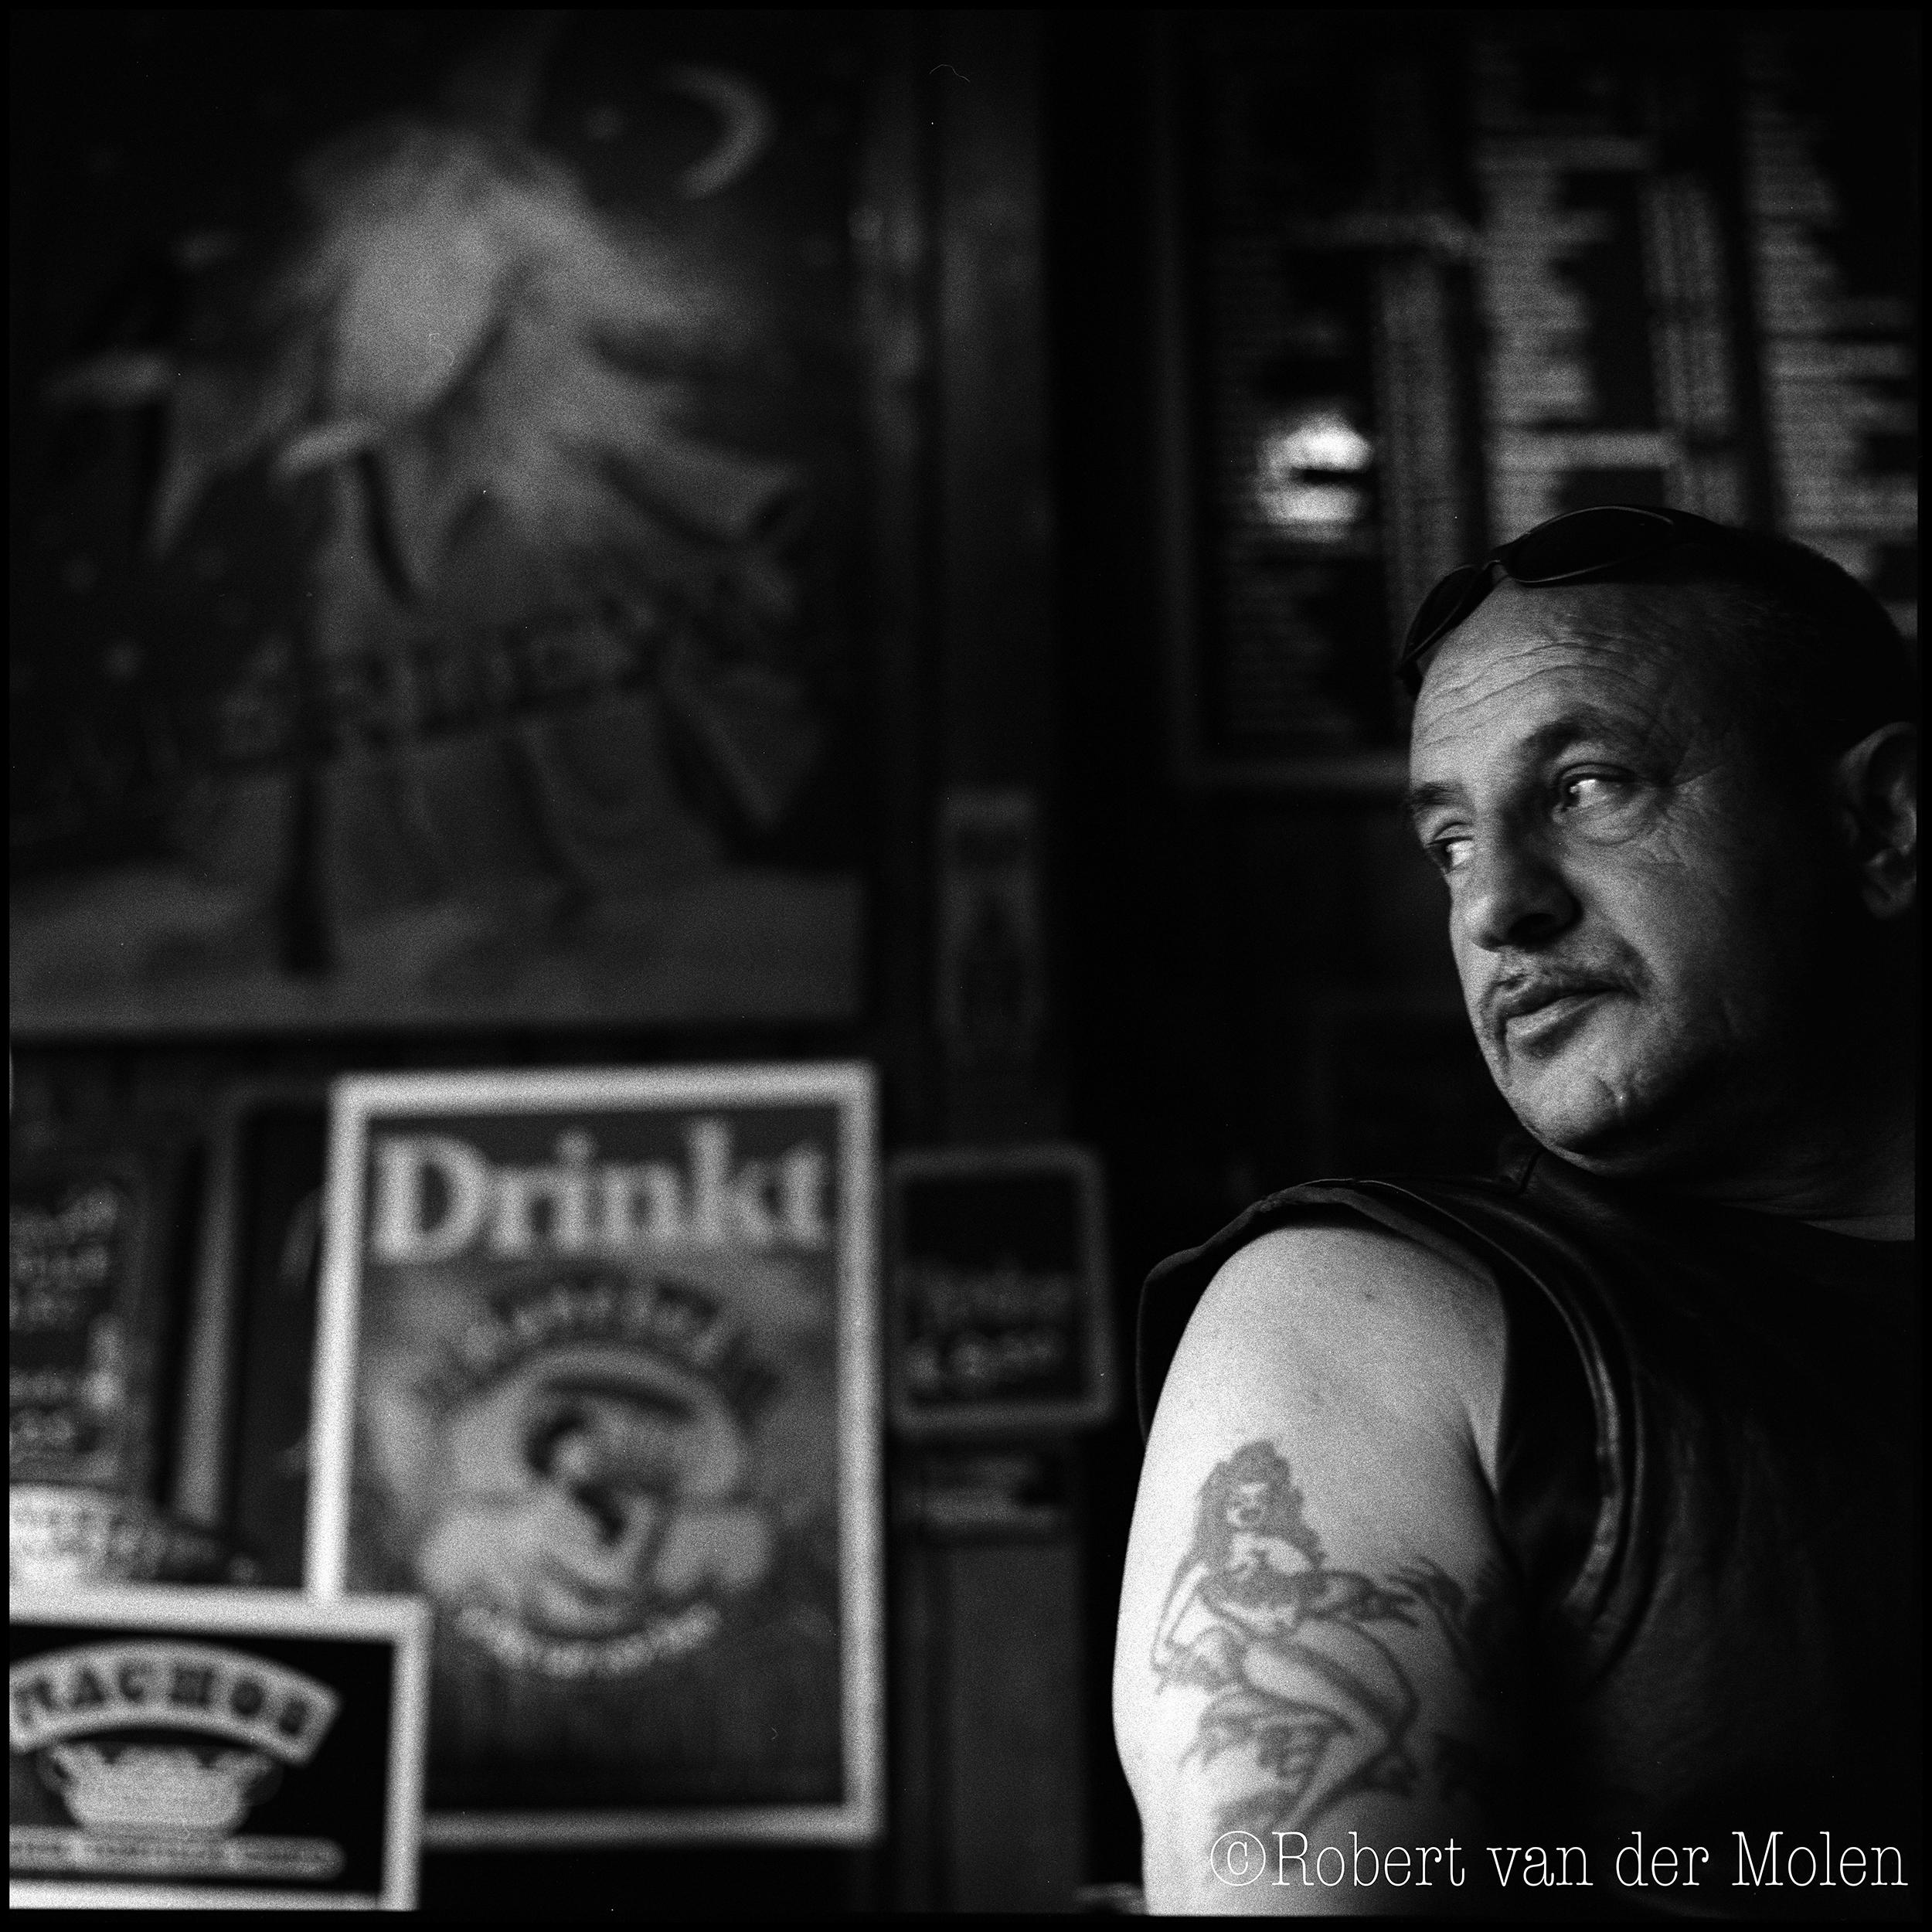 Robert van der Molen - portret fotograaf - Groningen - opdracht -cafe Merleyn - Pazzipanten